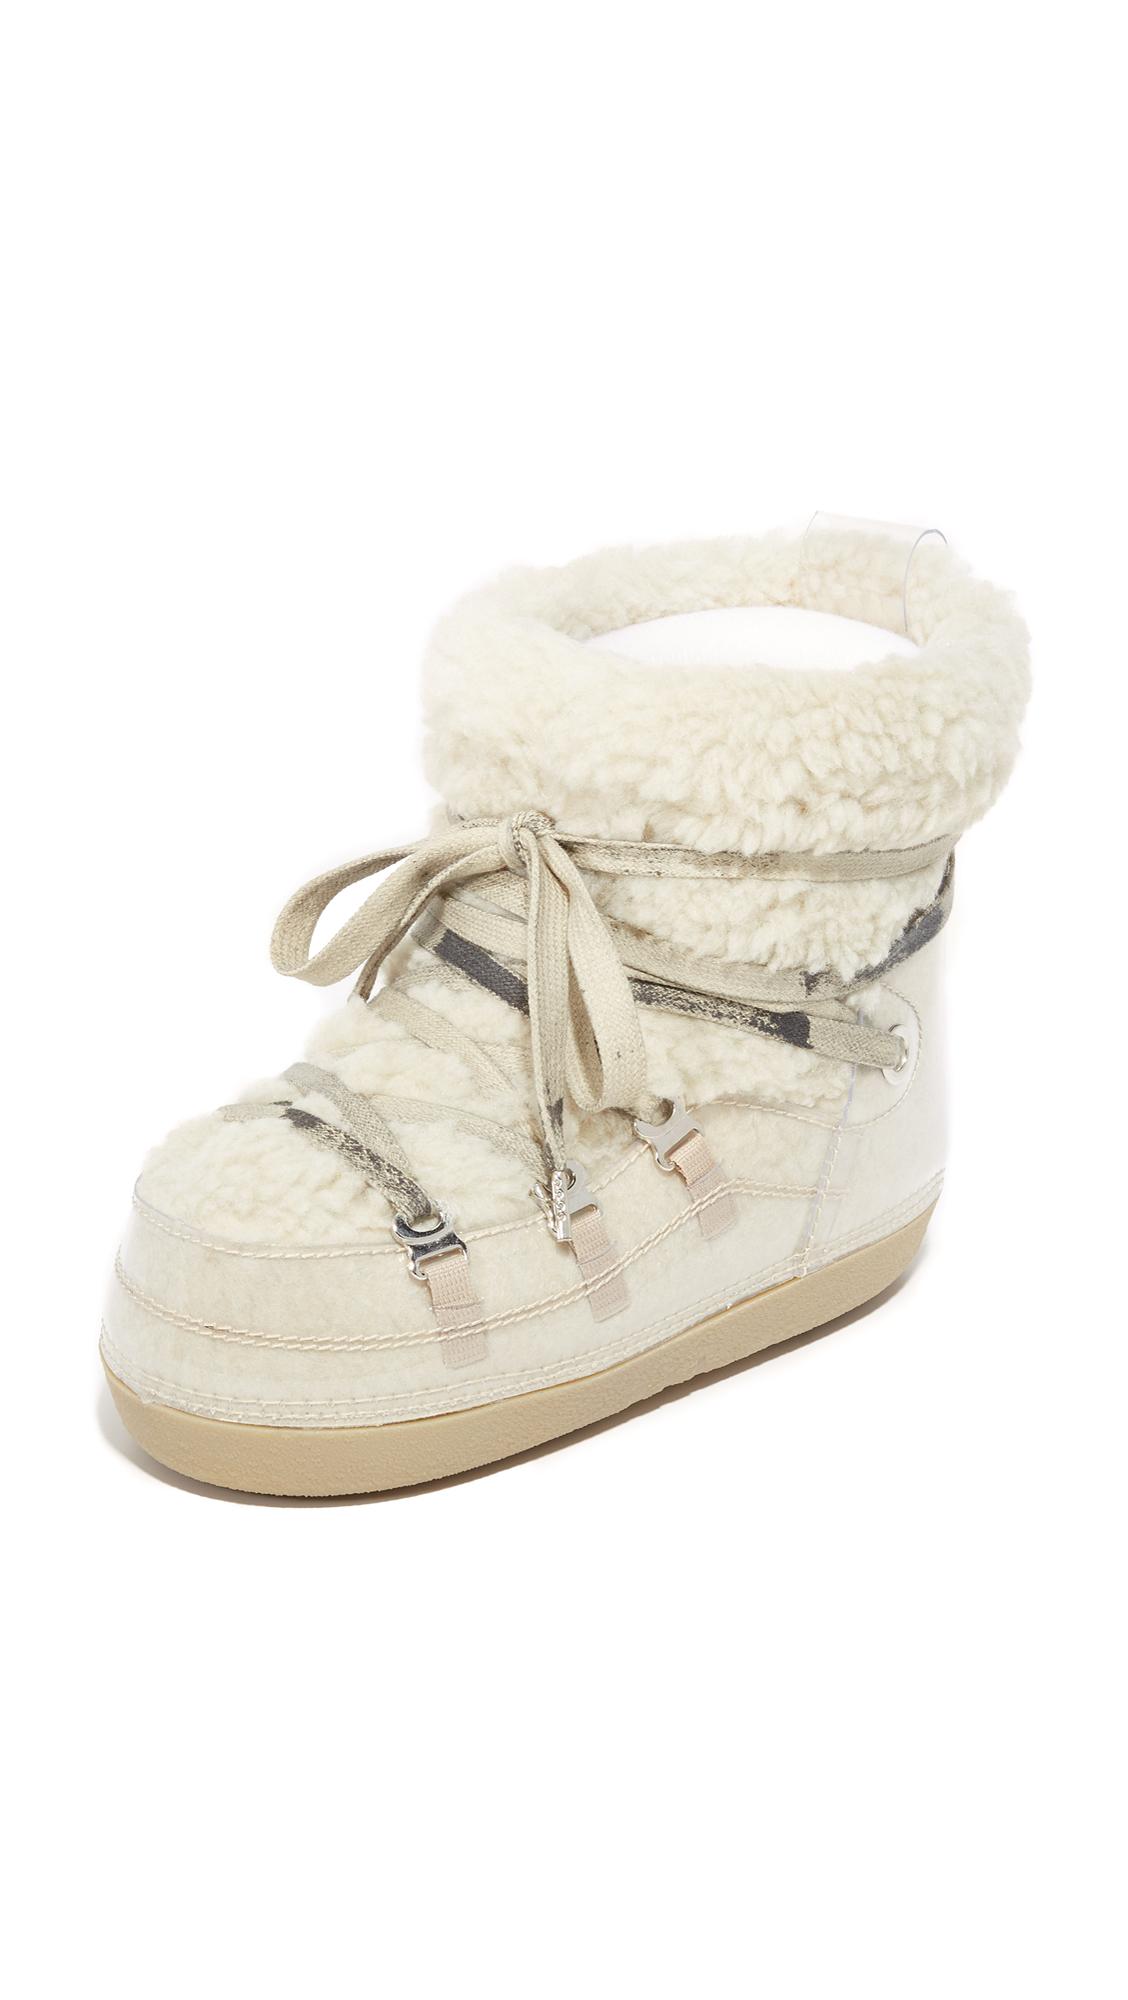 Mm6 Eskimo Sneaker Booties - Beige/Transparent